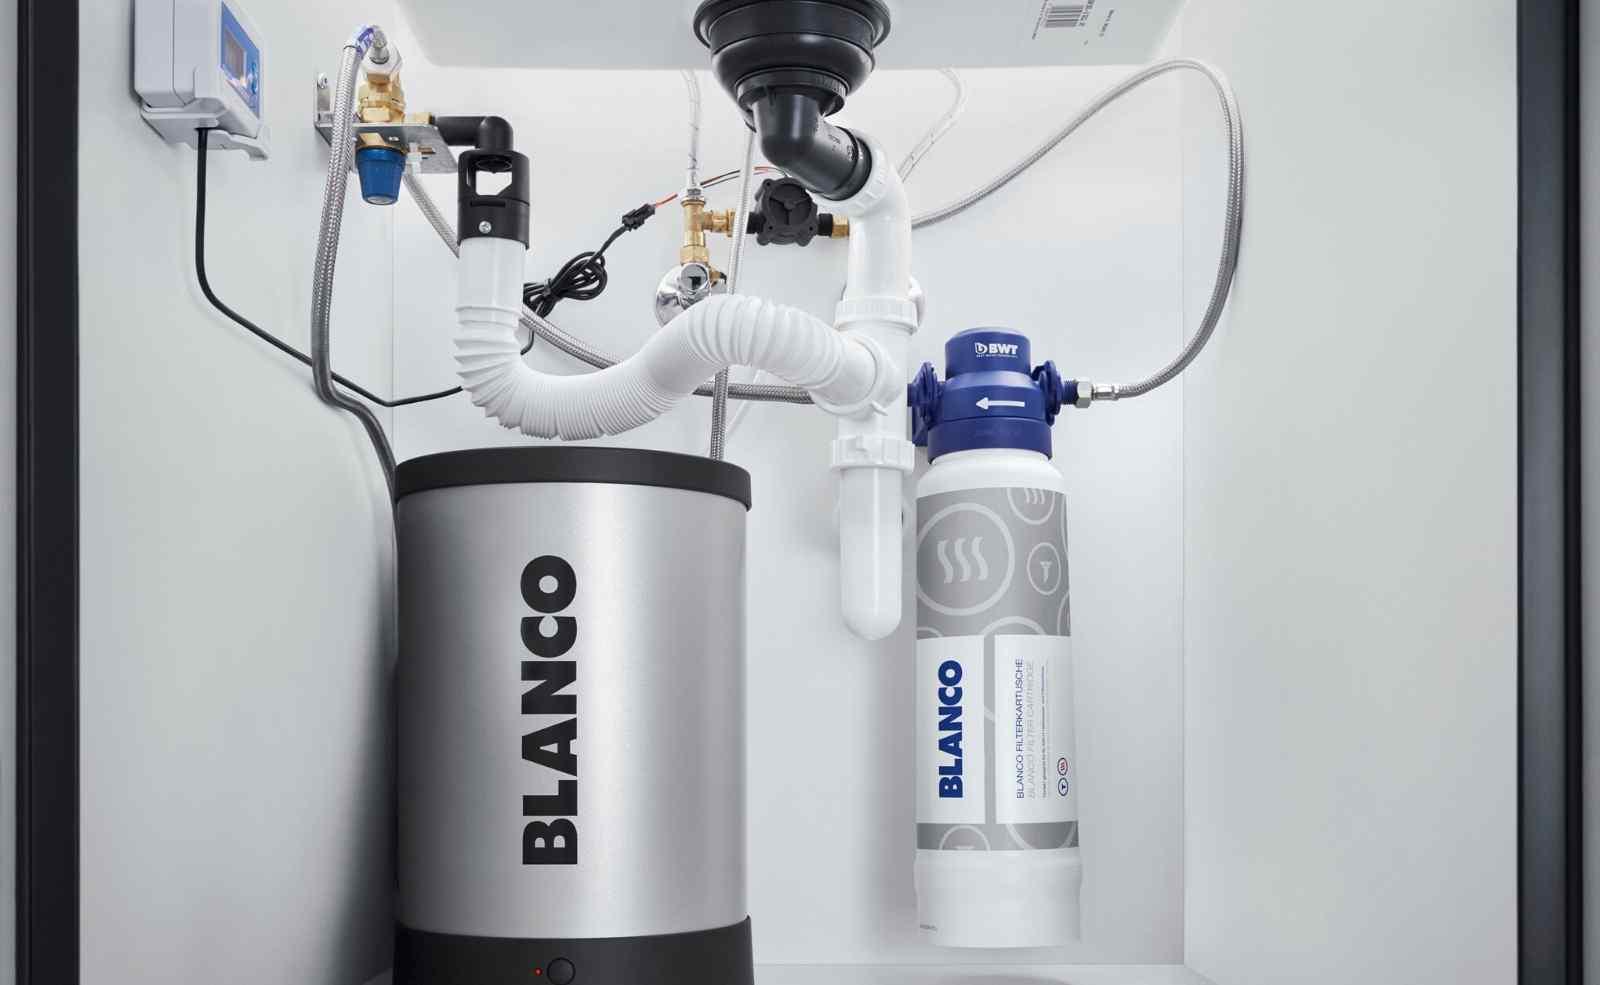 Ein platzsparender Hochdruckboiler aus Titan bringt das Wasser zum Kochen; Foto: BLANCO